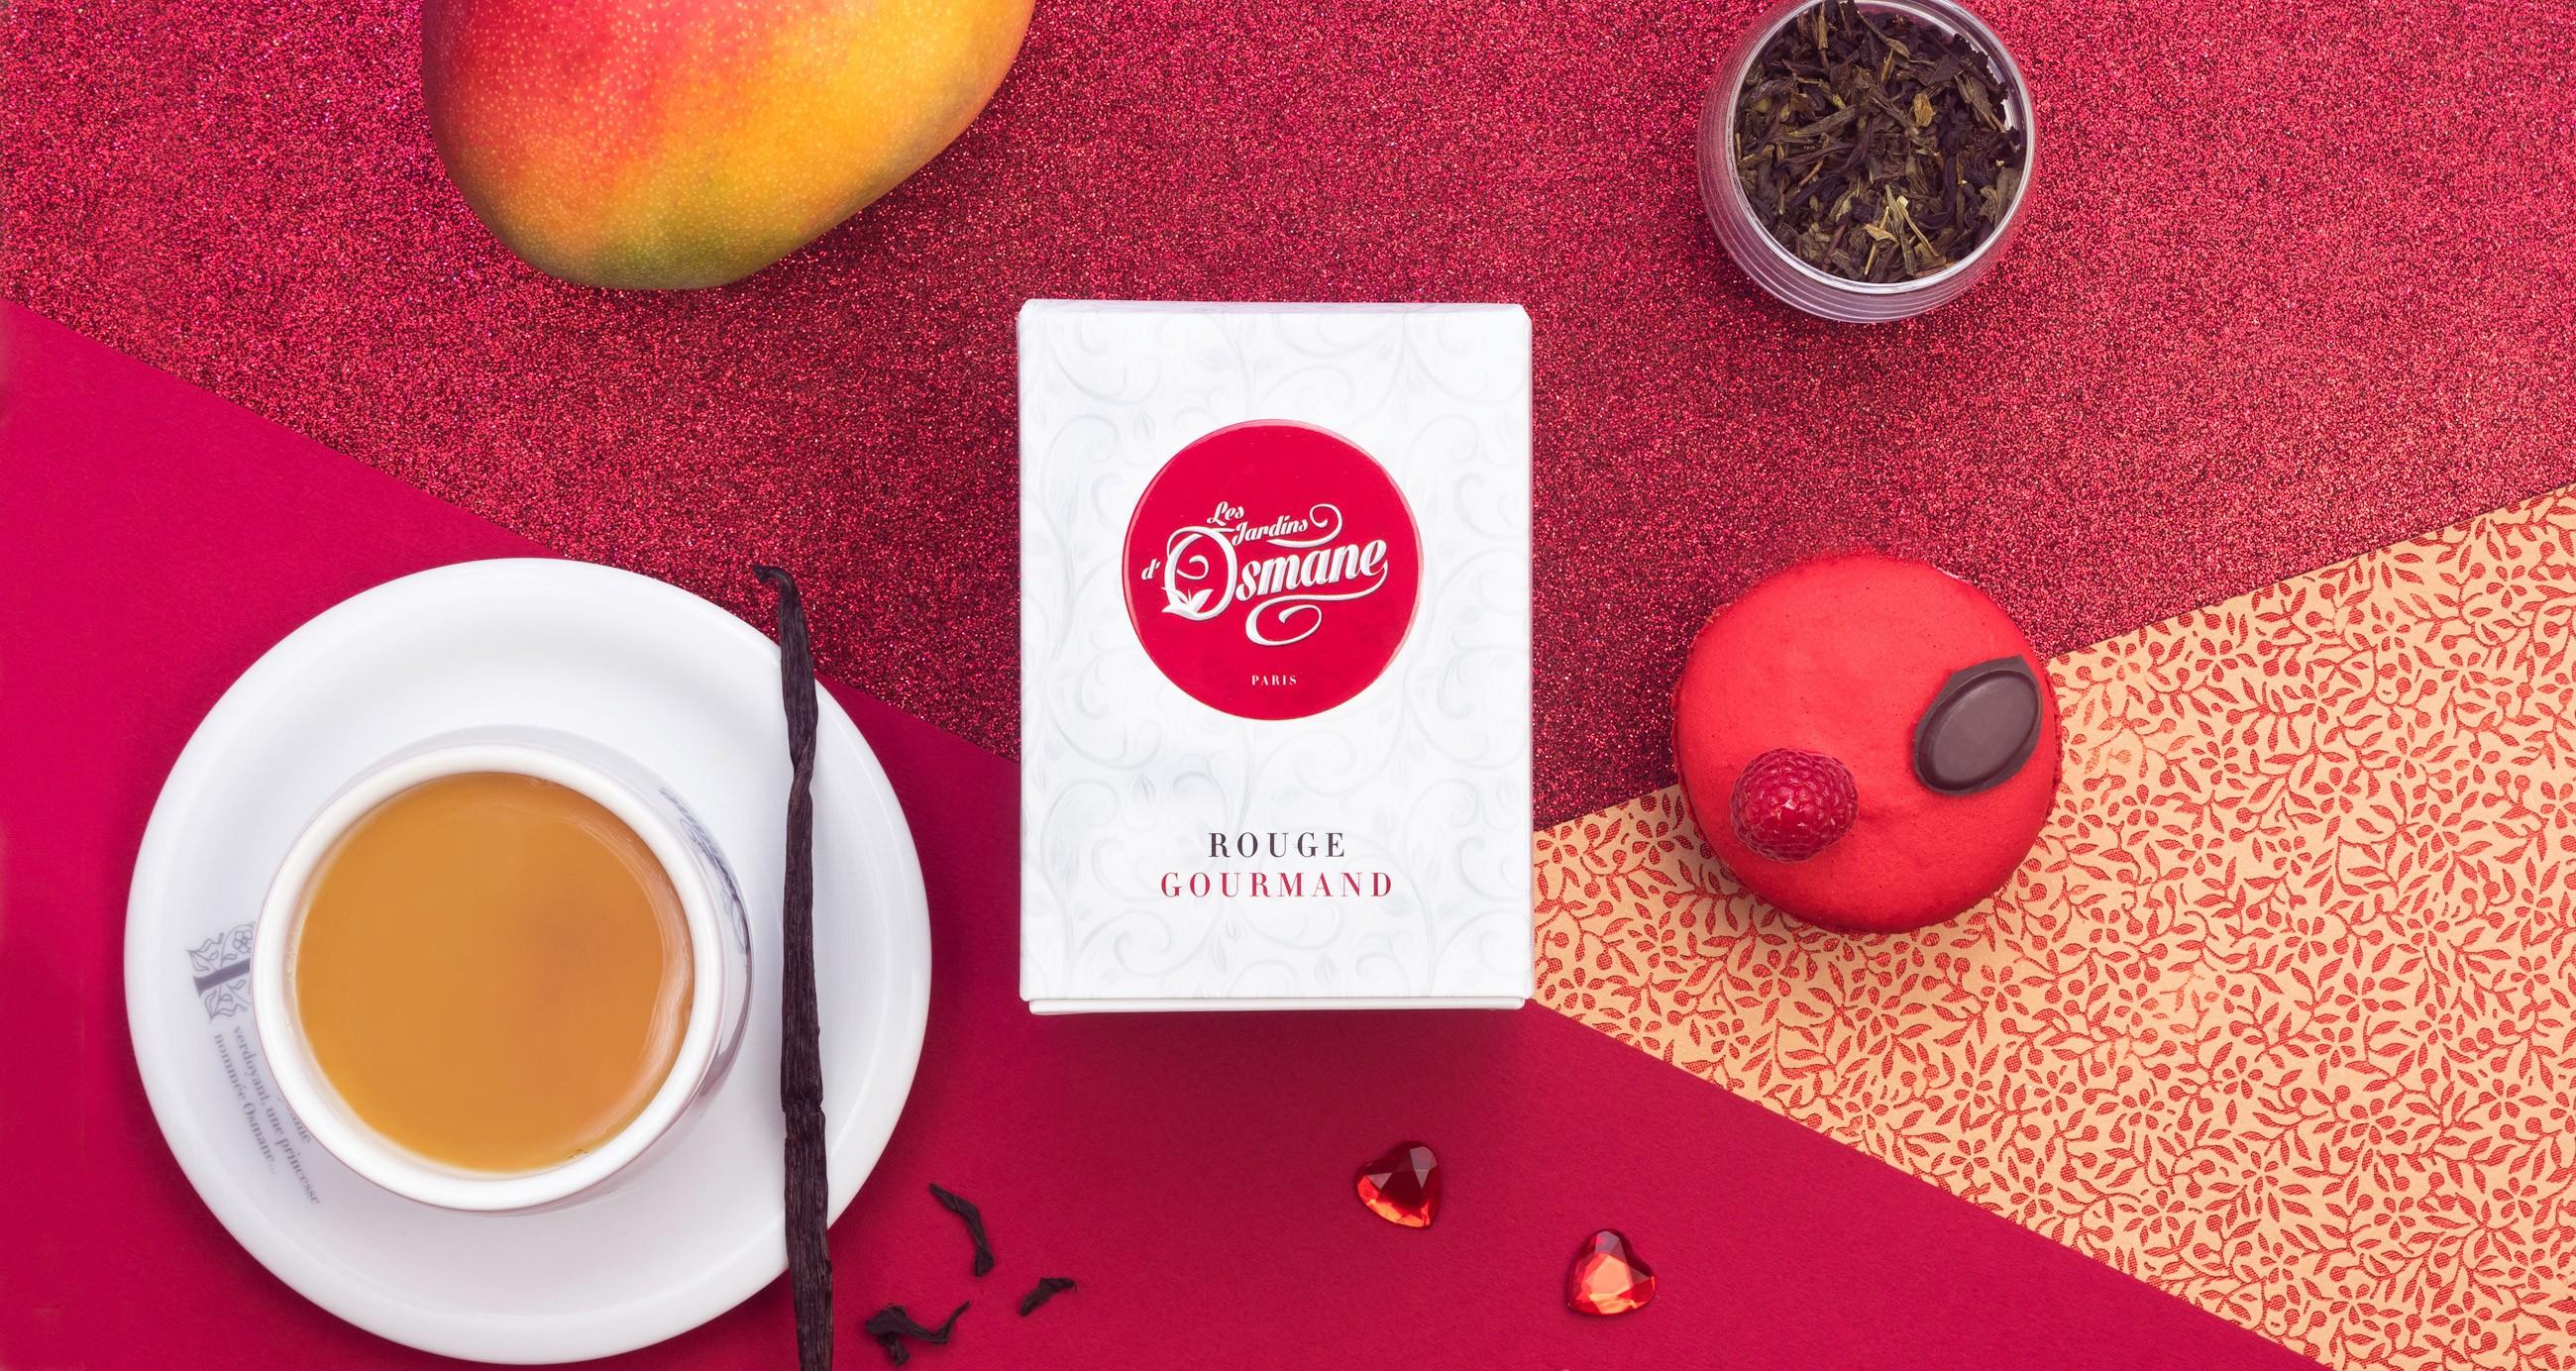 Thé Les Jardins d'Osmane Rouge Gourmand